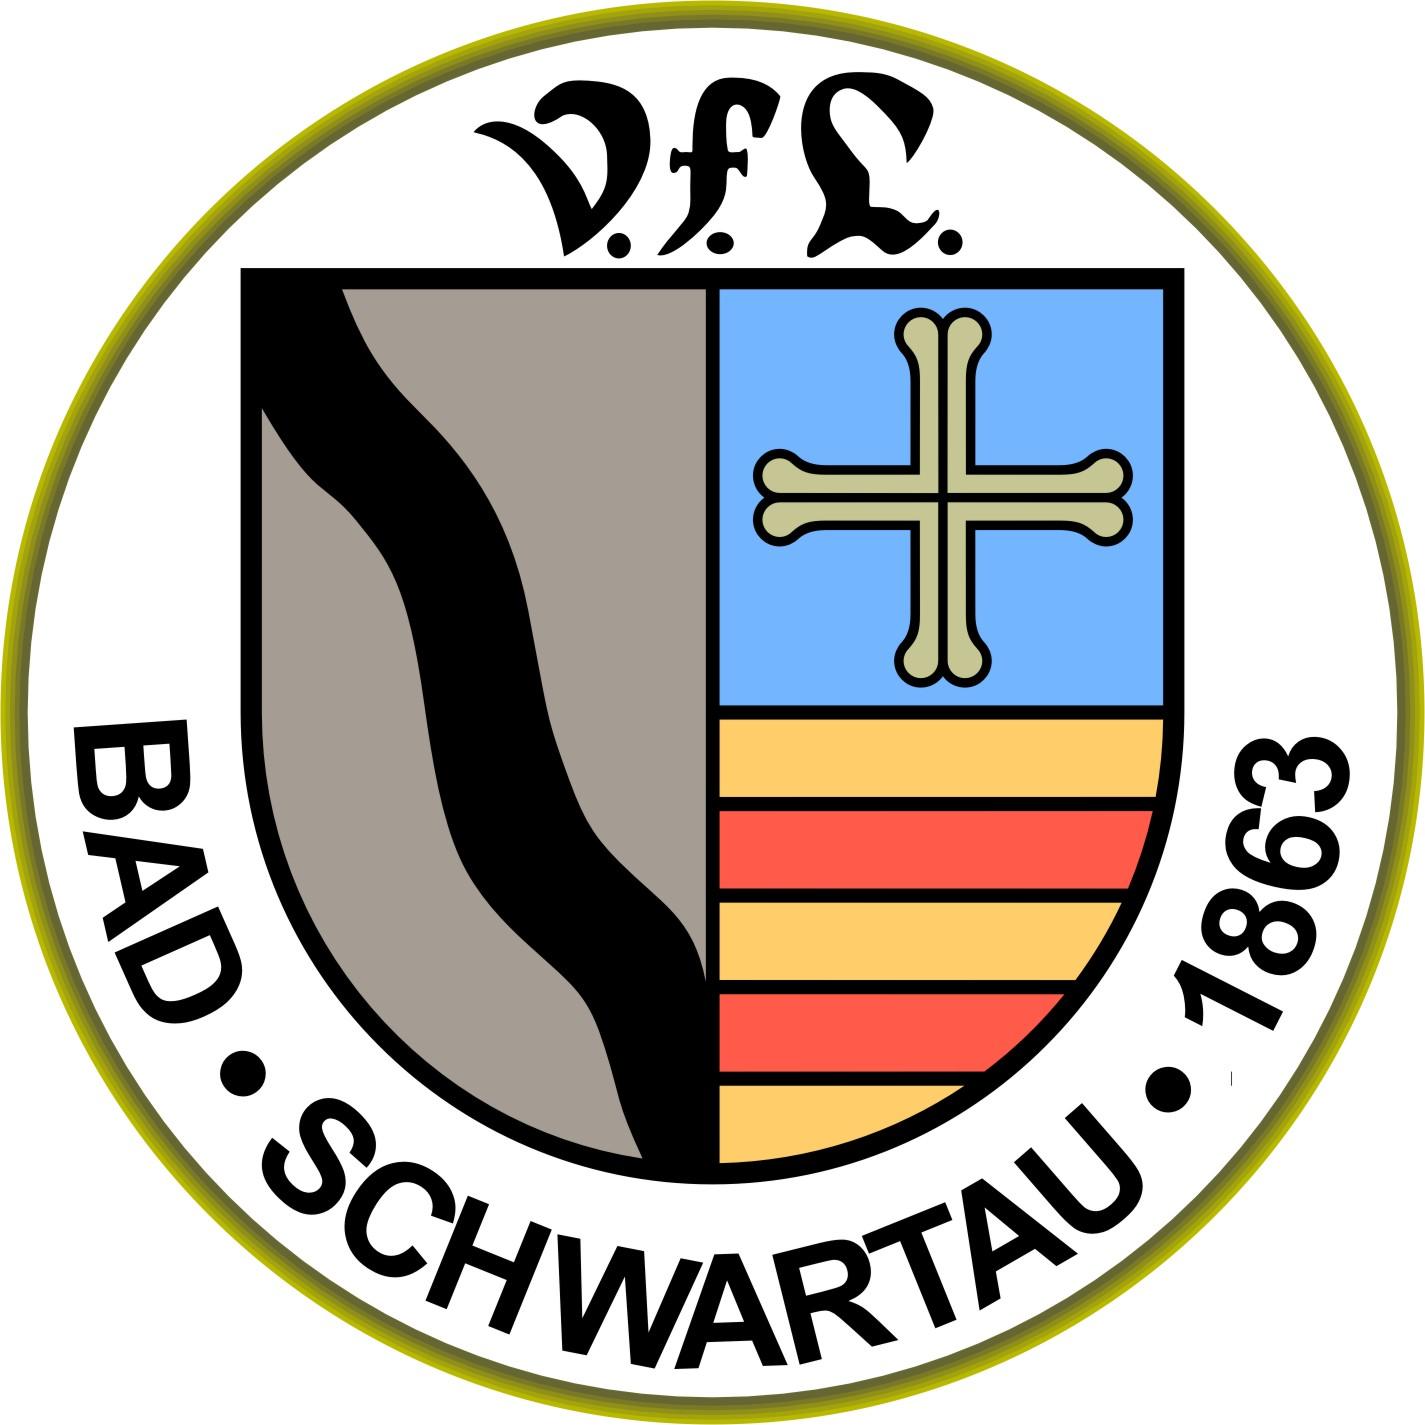 VfL Bad Schwartau Logo.jpg